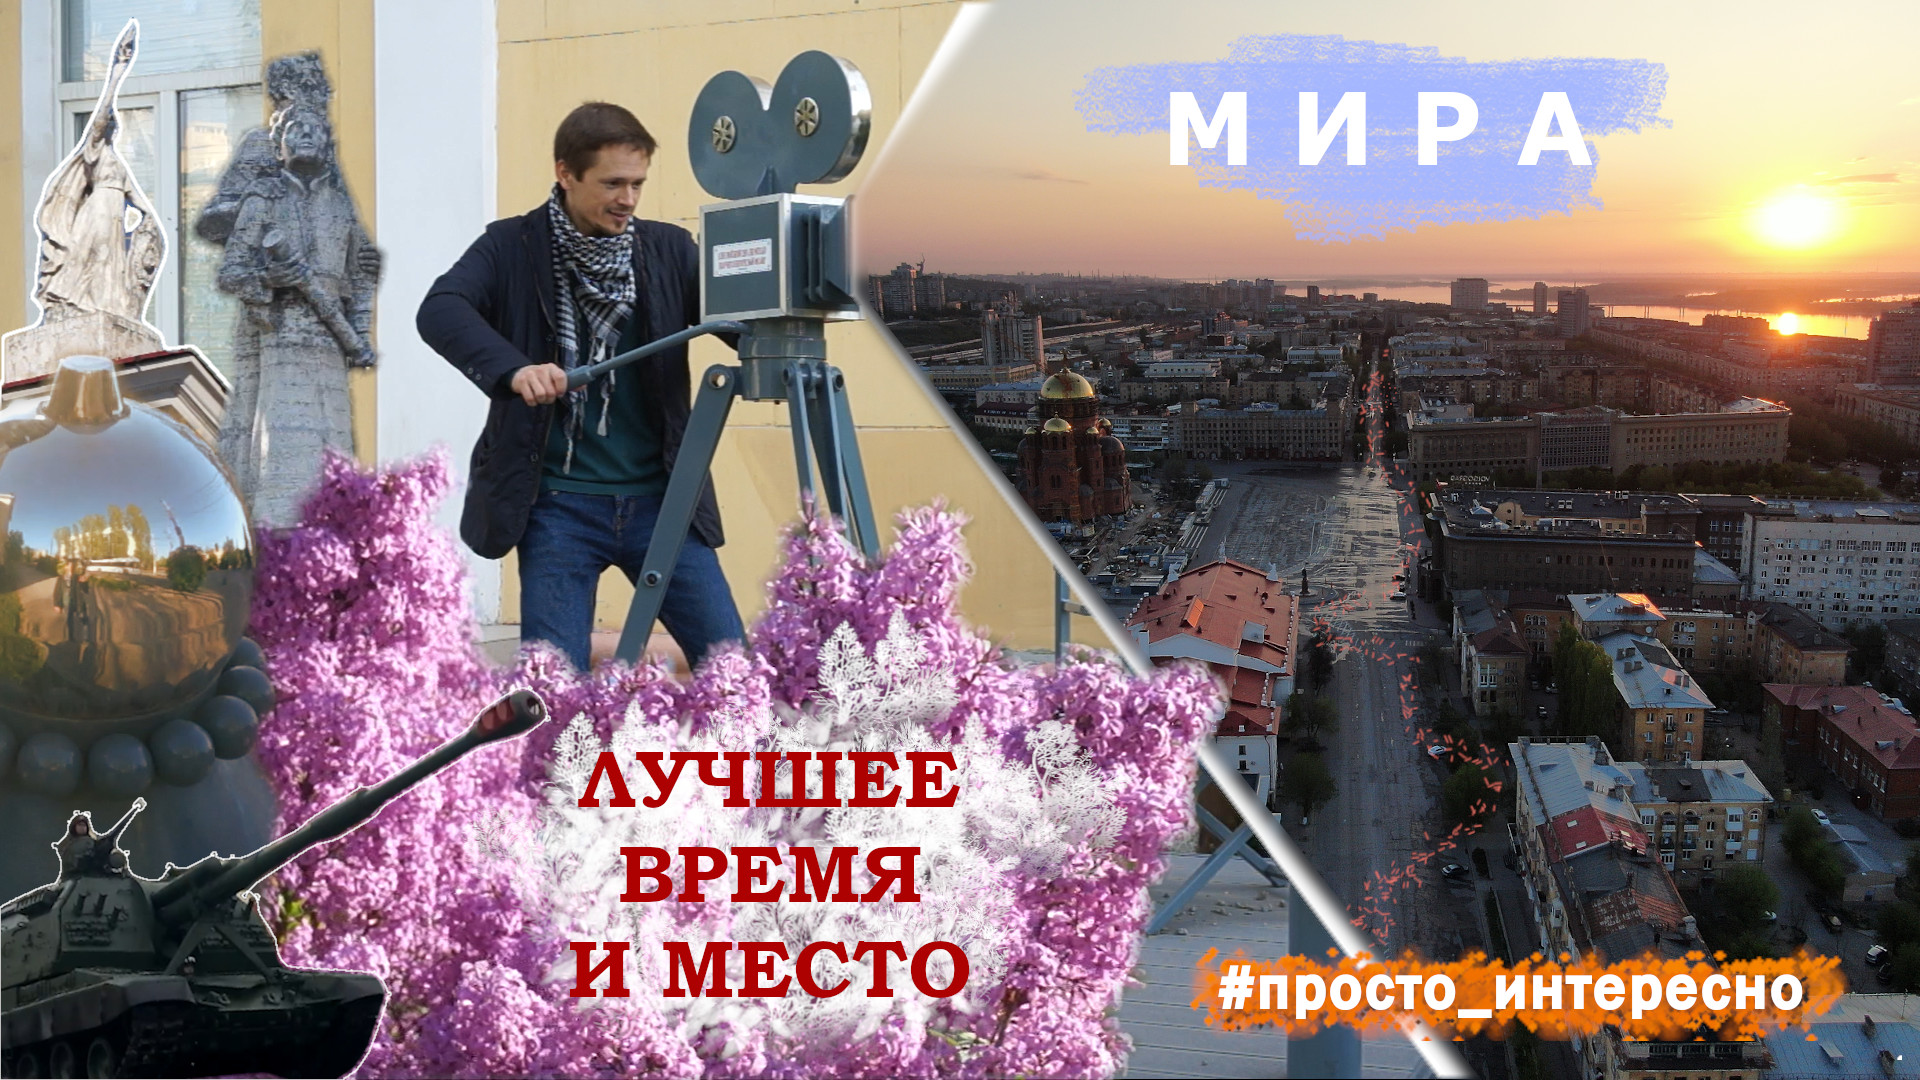 Это лирический видео обзор на одну из самых известных улиц одного из главных городов мировой истории и современности